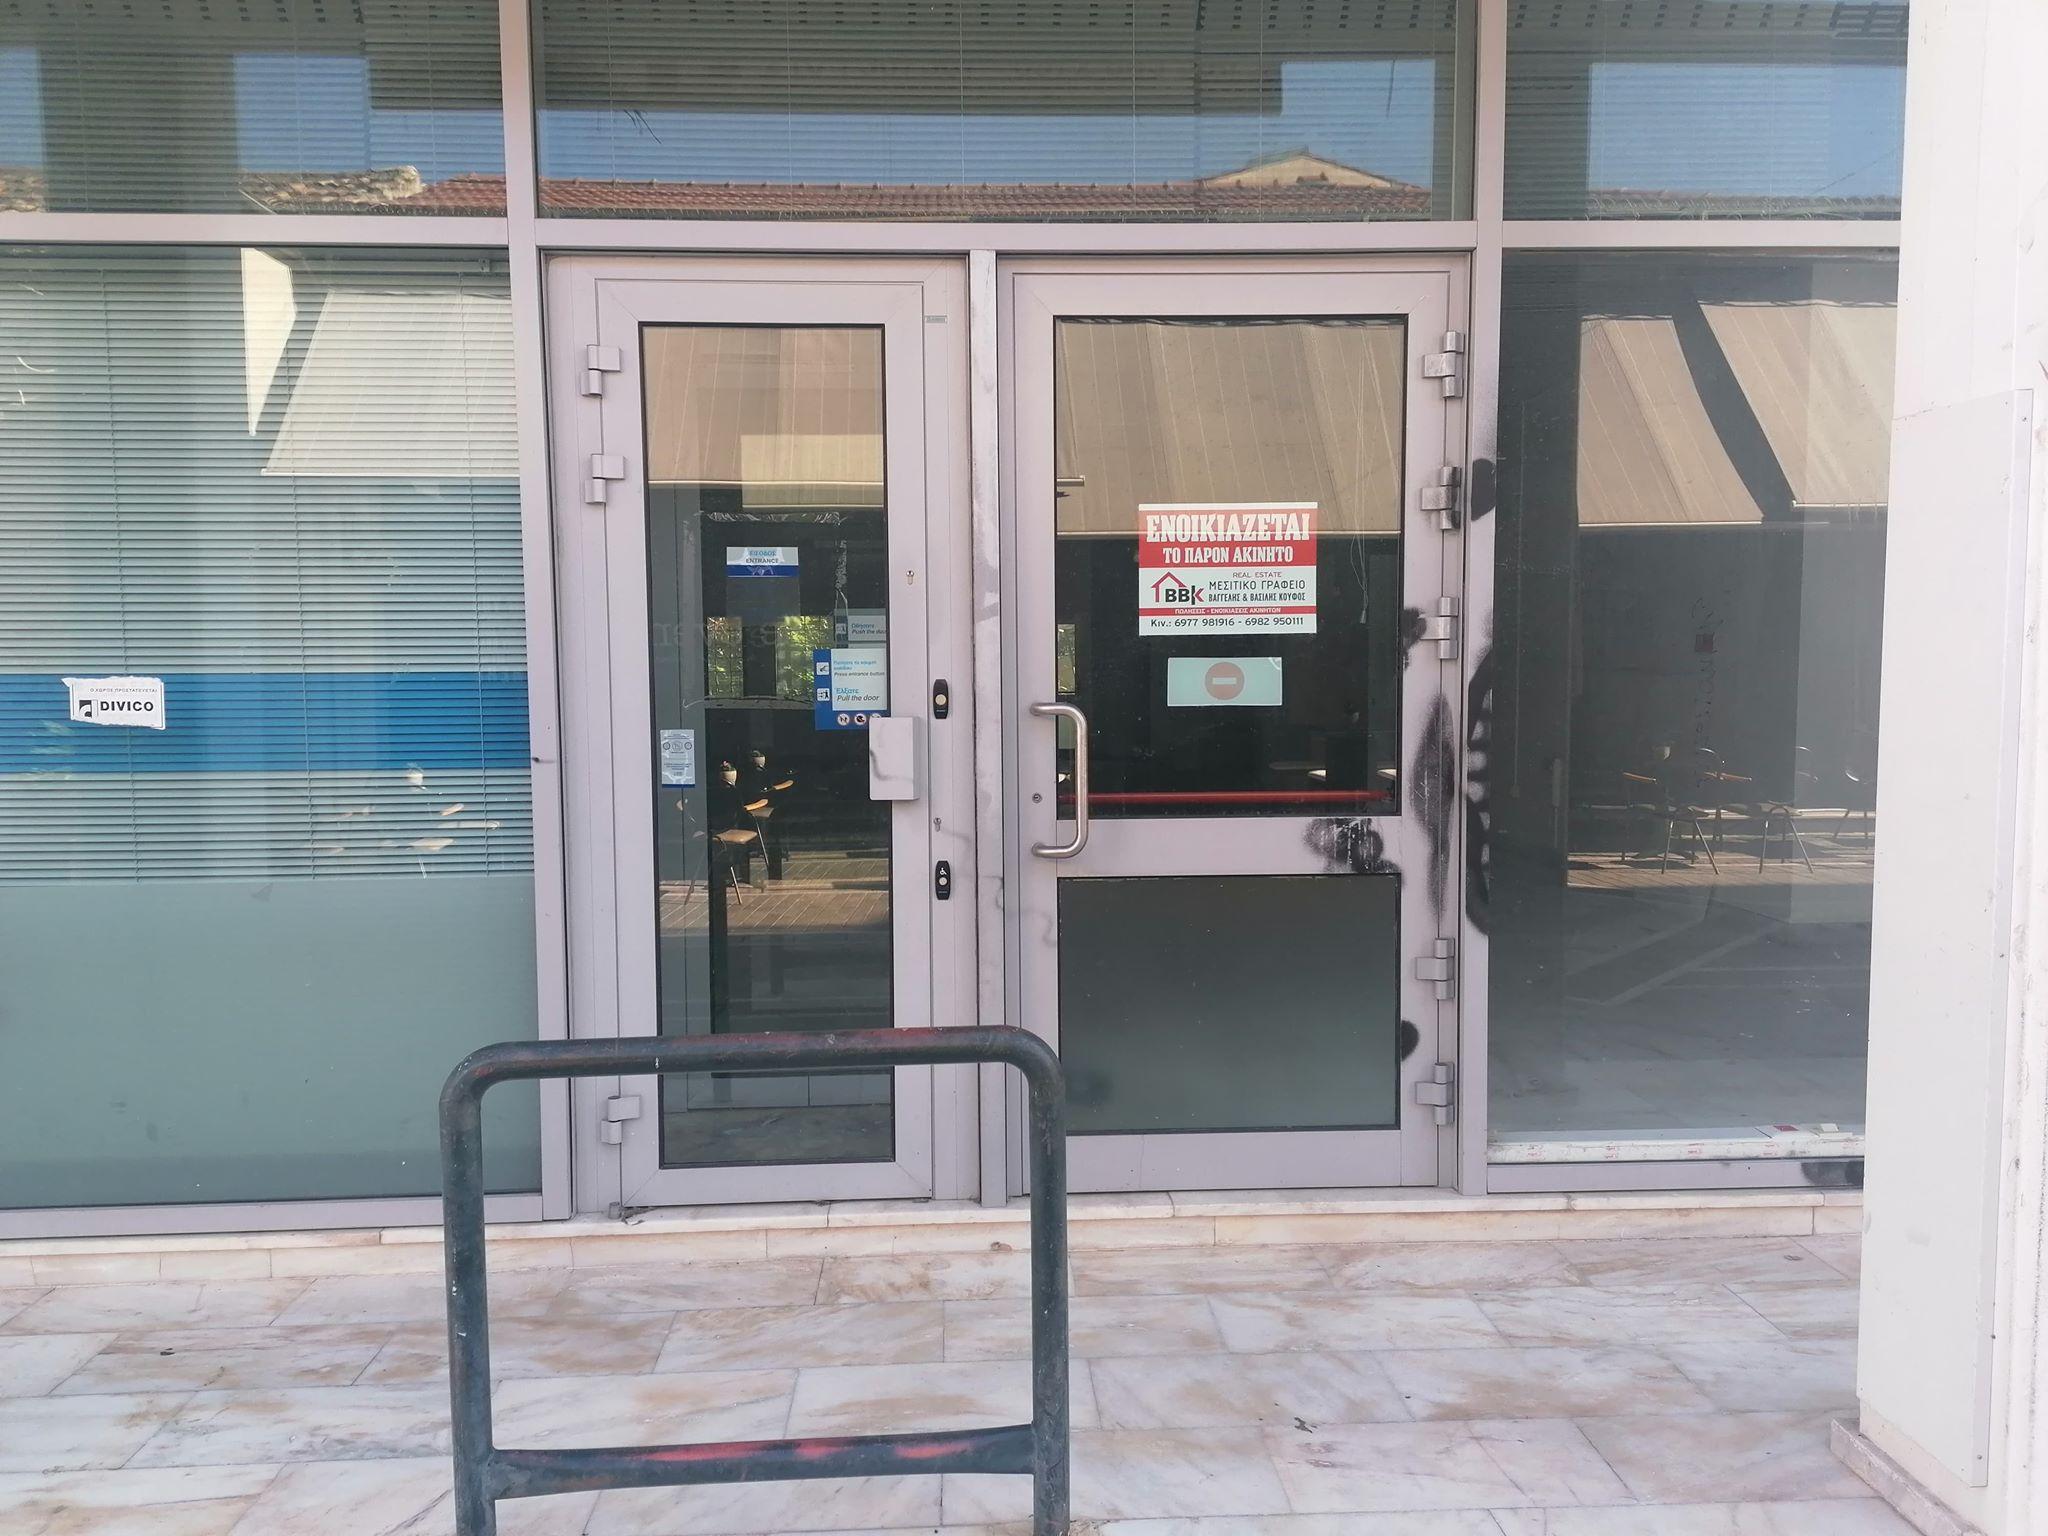 Ενοικιάζεται κατάστημα στην Χαριλάου Τρικούπη στο Μεσολόγγι